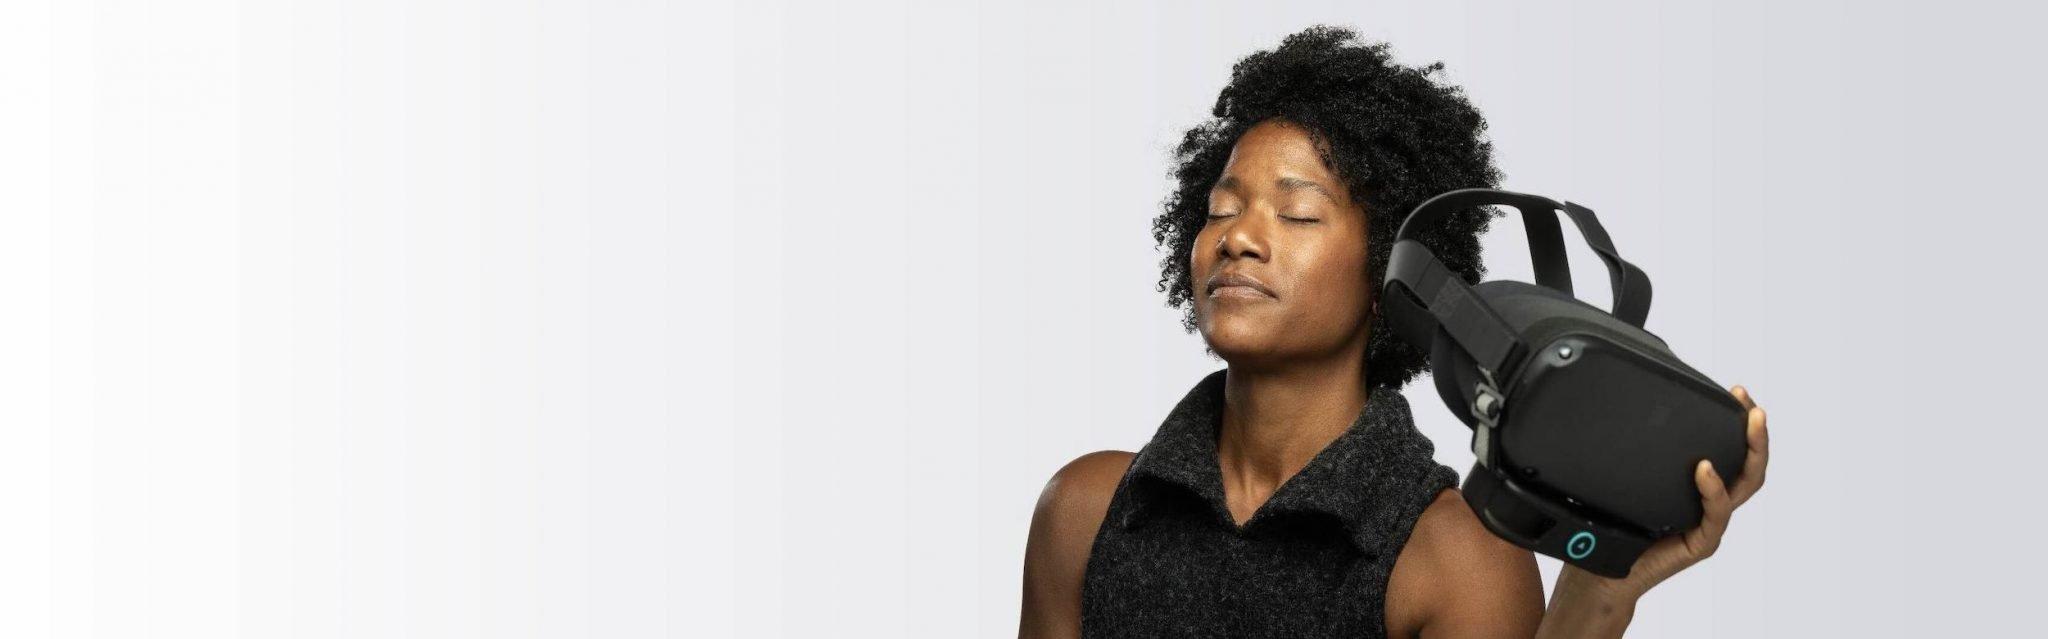 Realtà virtuale olfattiva (OVR) per la riduzione di stress, ansia e dolore. Credits: OVR Technology